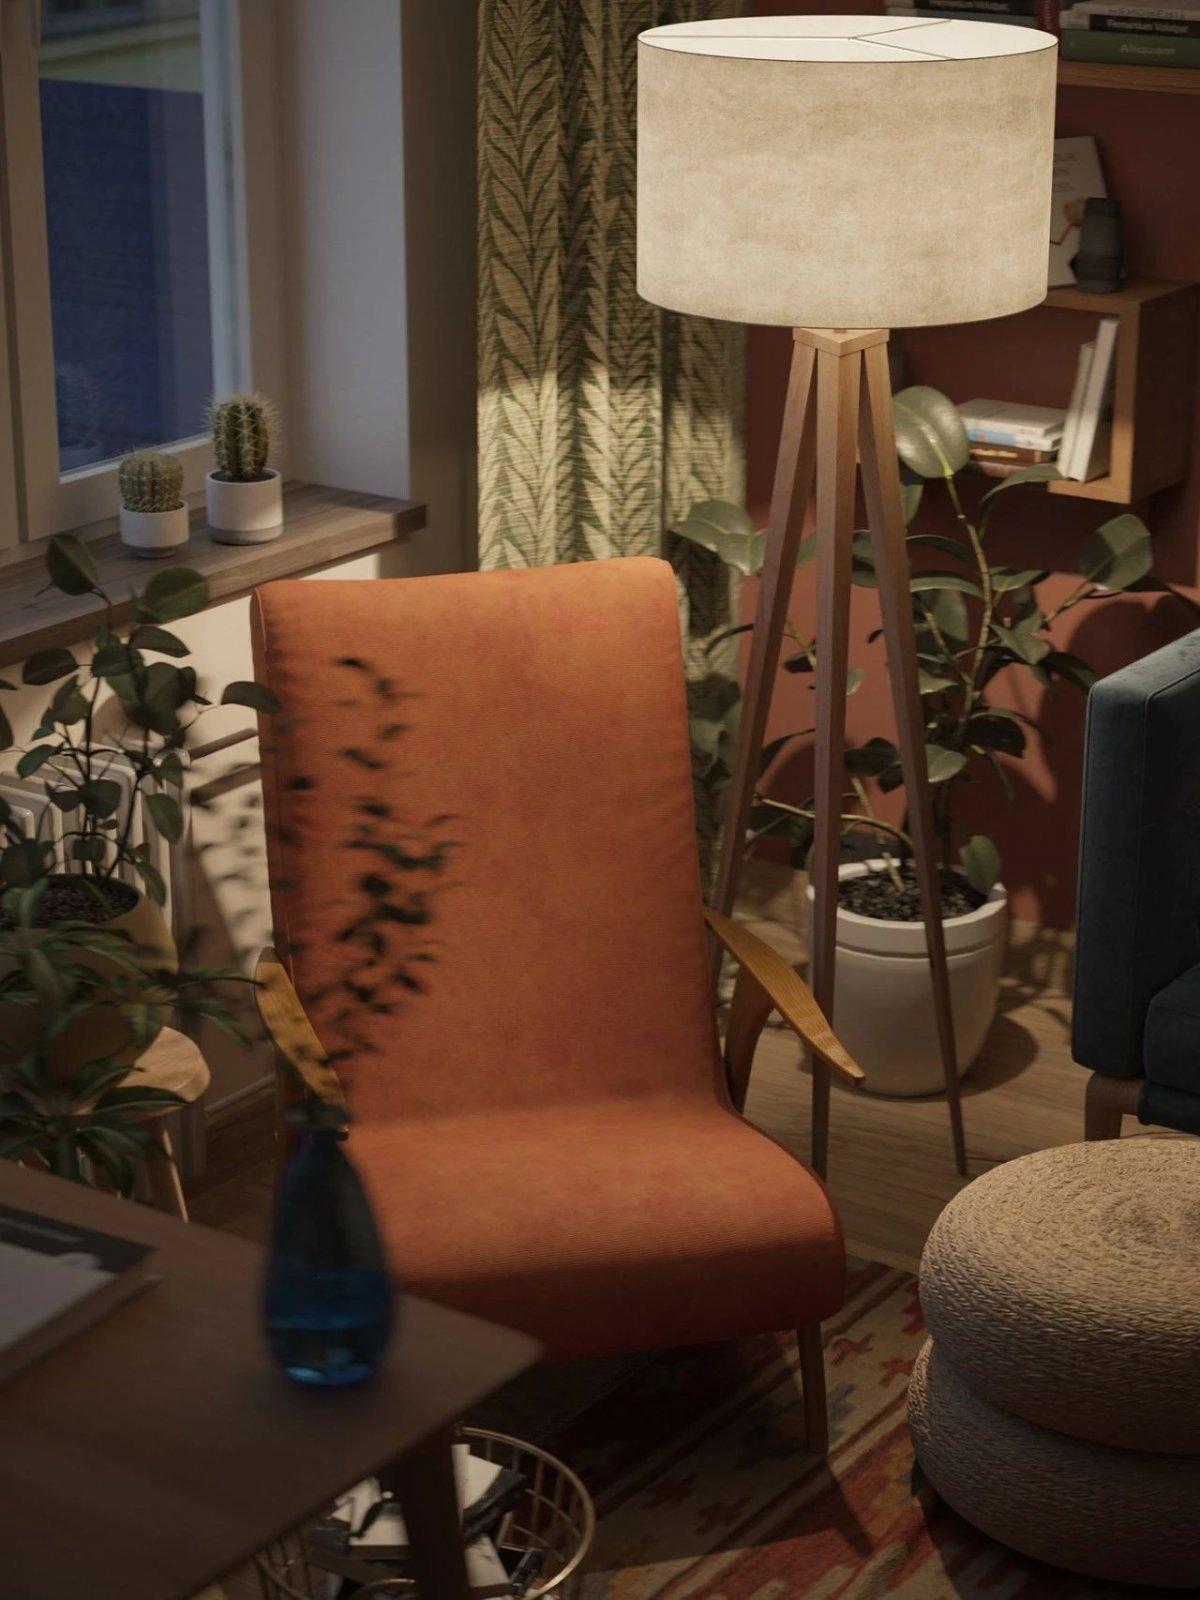 47岁阿姨的独居生活:55㎡小宅,屋里种满花草,如诗一般生活